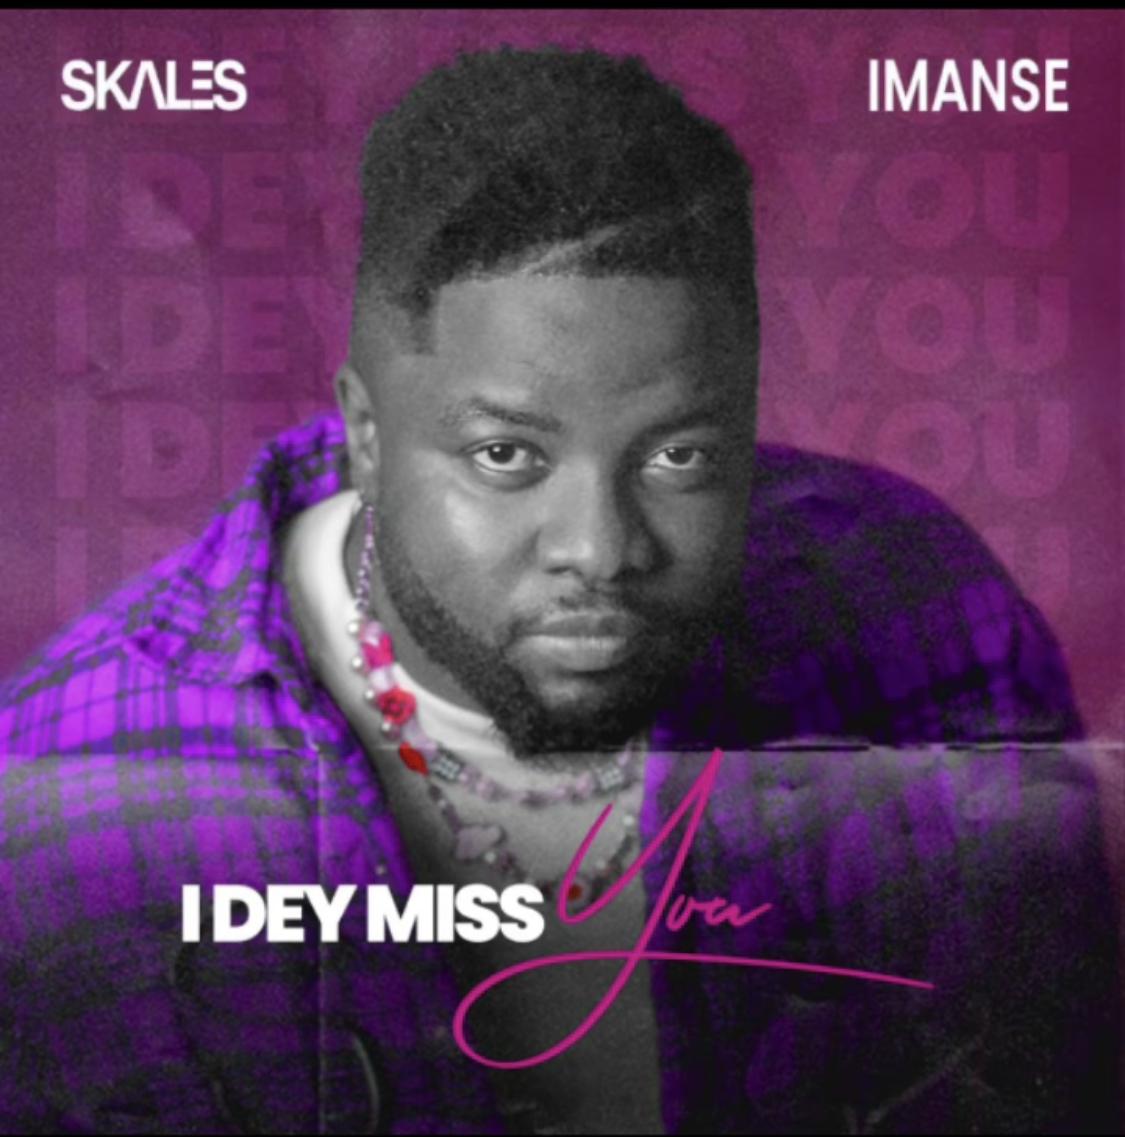 Skales - I Dey Miss You ft Imanse mp3 artwork